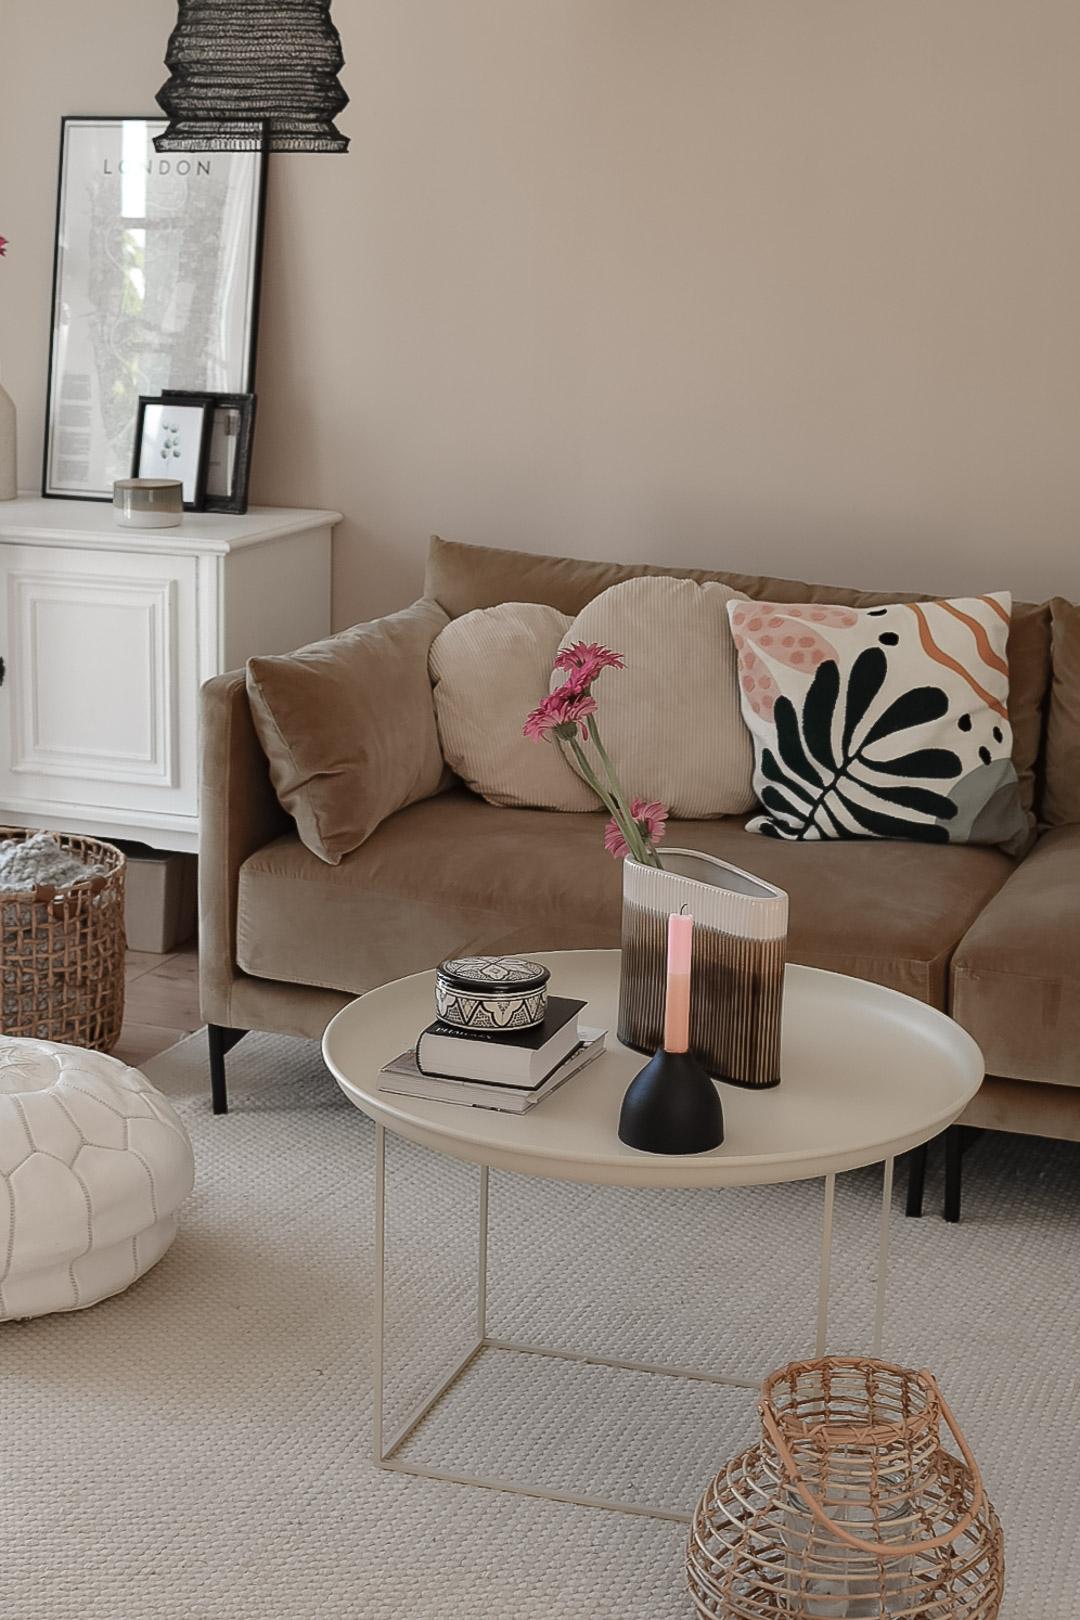 neues Sofa in umgestaltetem Wohnzimmer